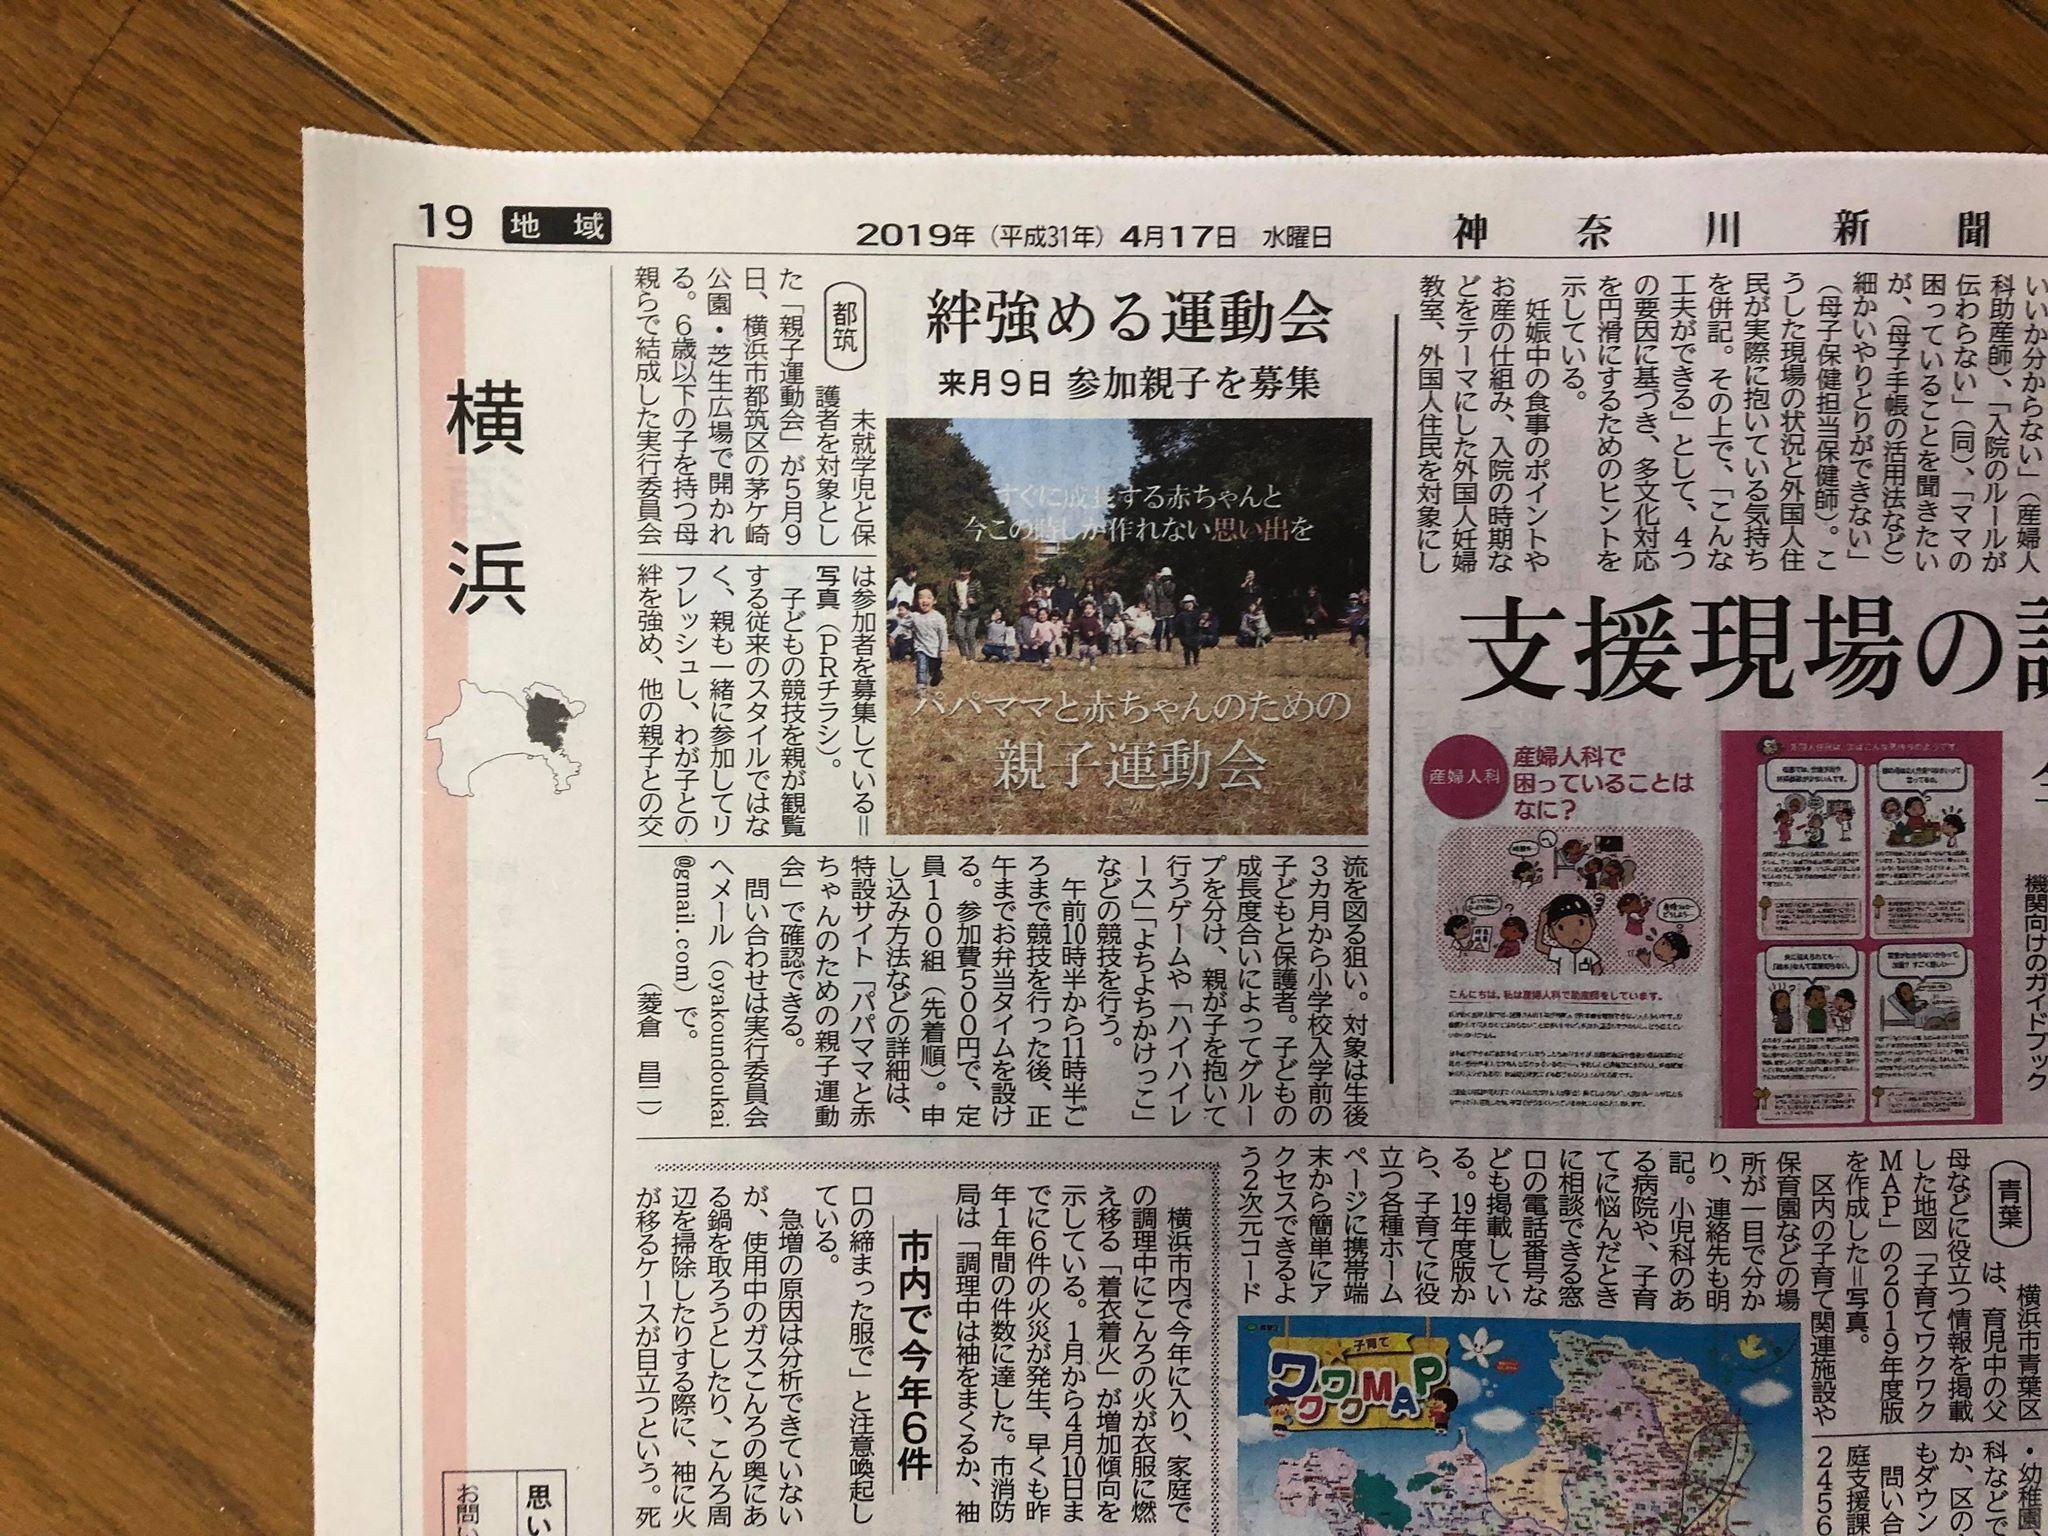 神奈川新聞・タウンニュースに掲載されました!